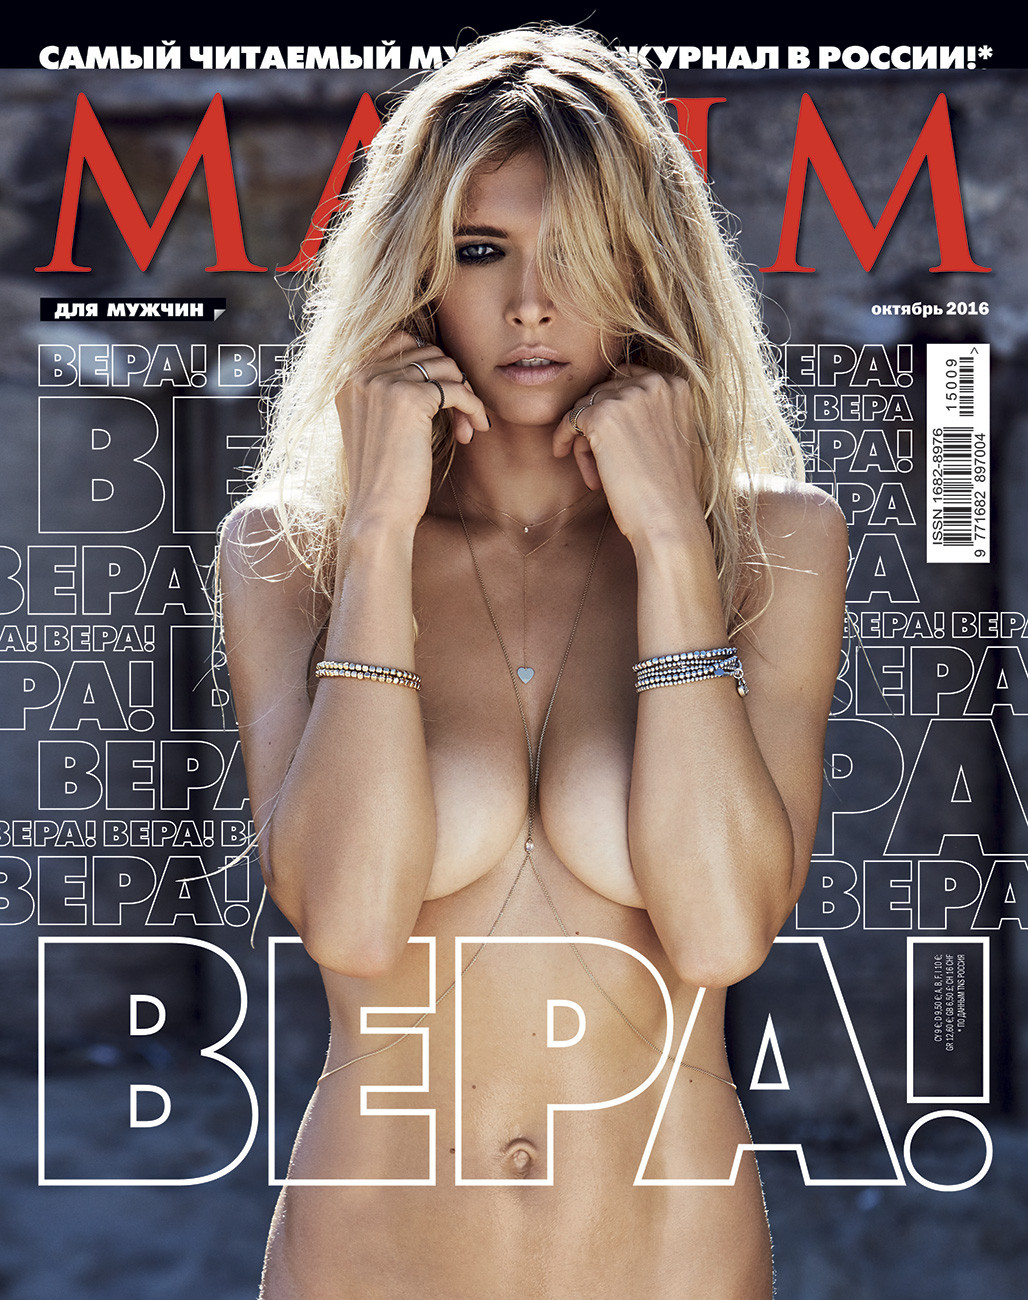 Брежнева вера эротич фото, фоны дешевых проституток в московской области